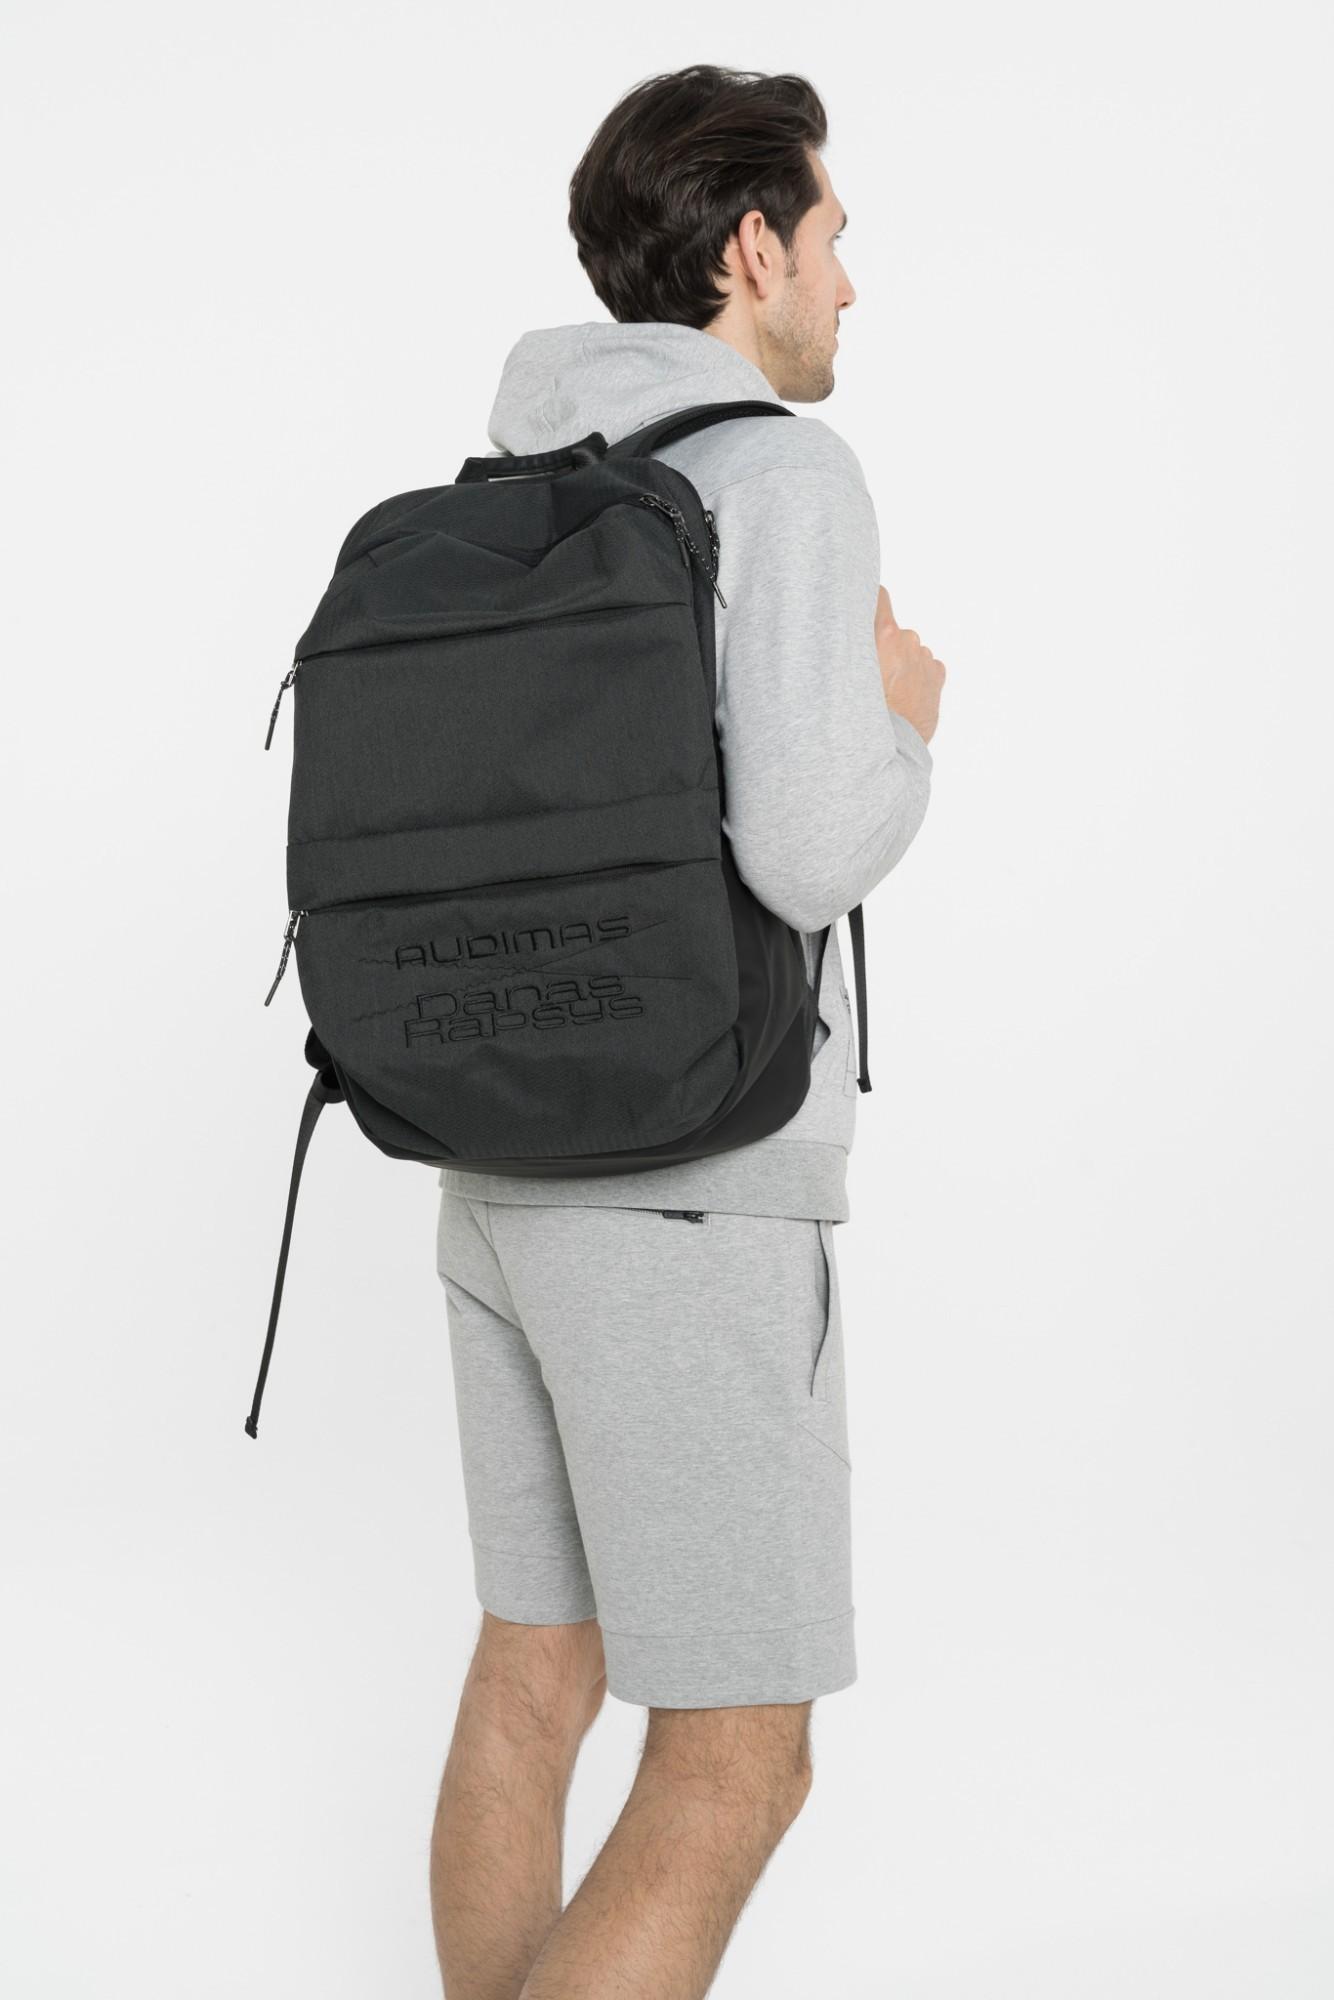 AUDIMAS Didelis sportinis krepšys NOS 1-02-124 Black One size